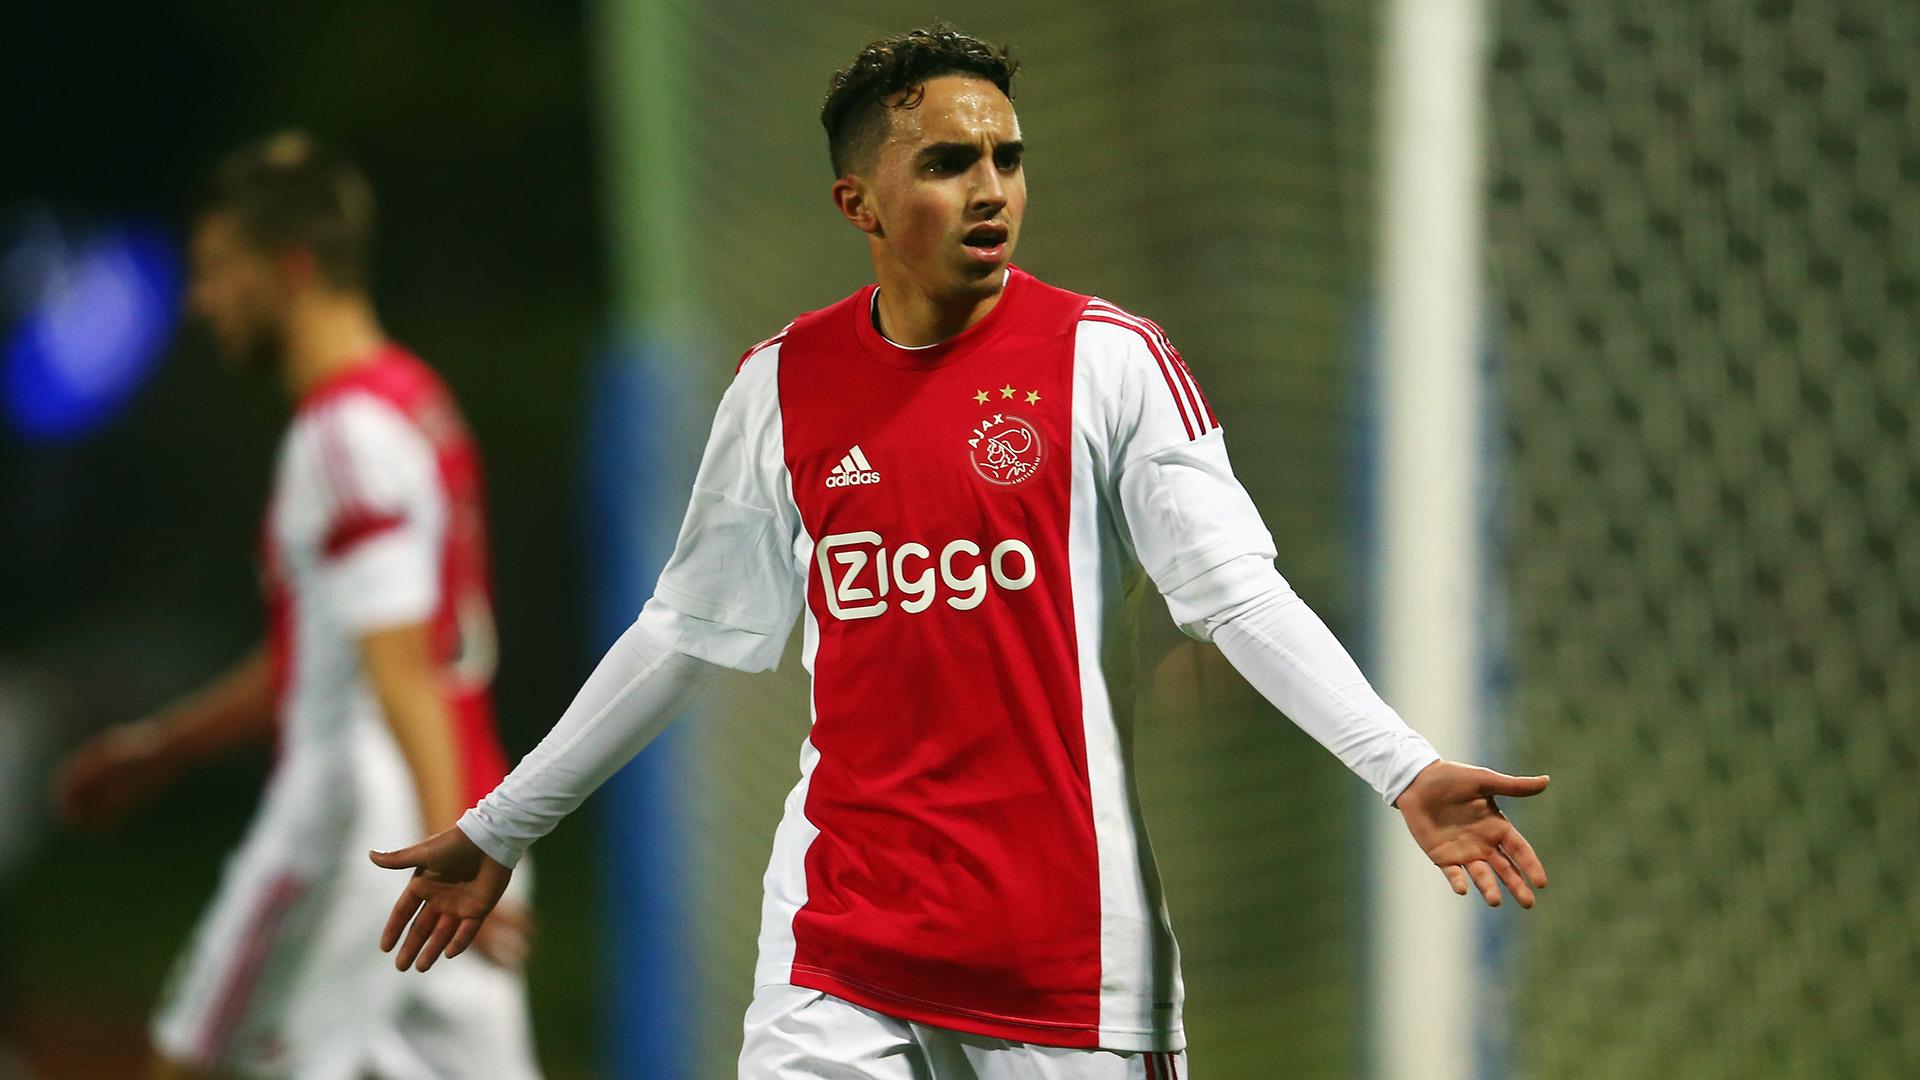 Ajax, malore in campo per Nouri: la situazione